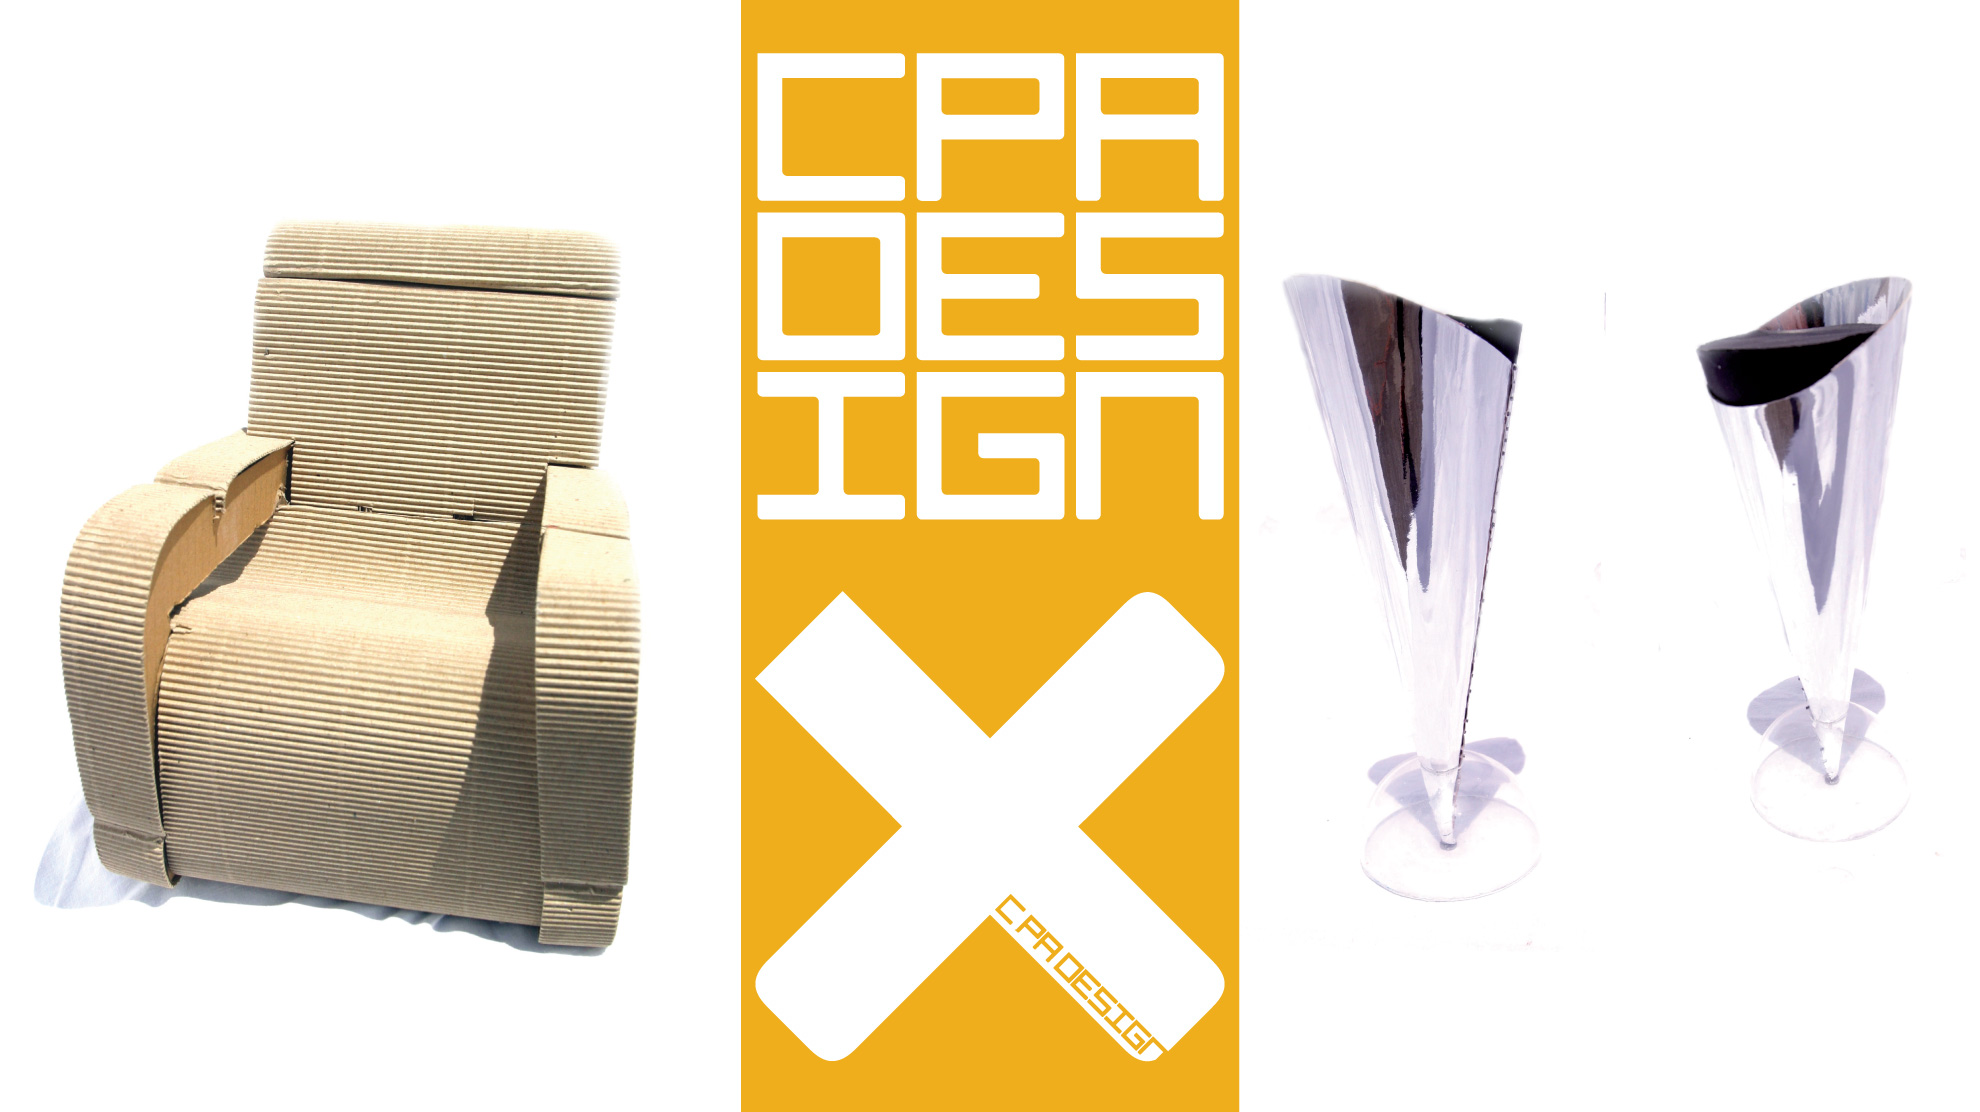 c_pa_design_produit_prototype-mobilier